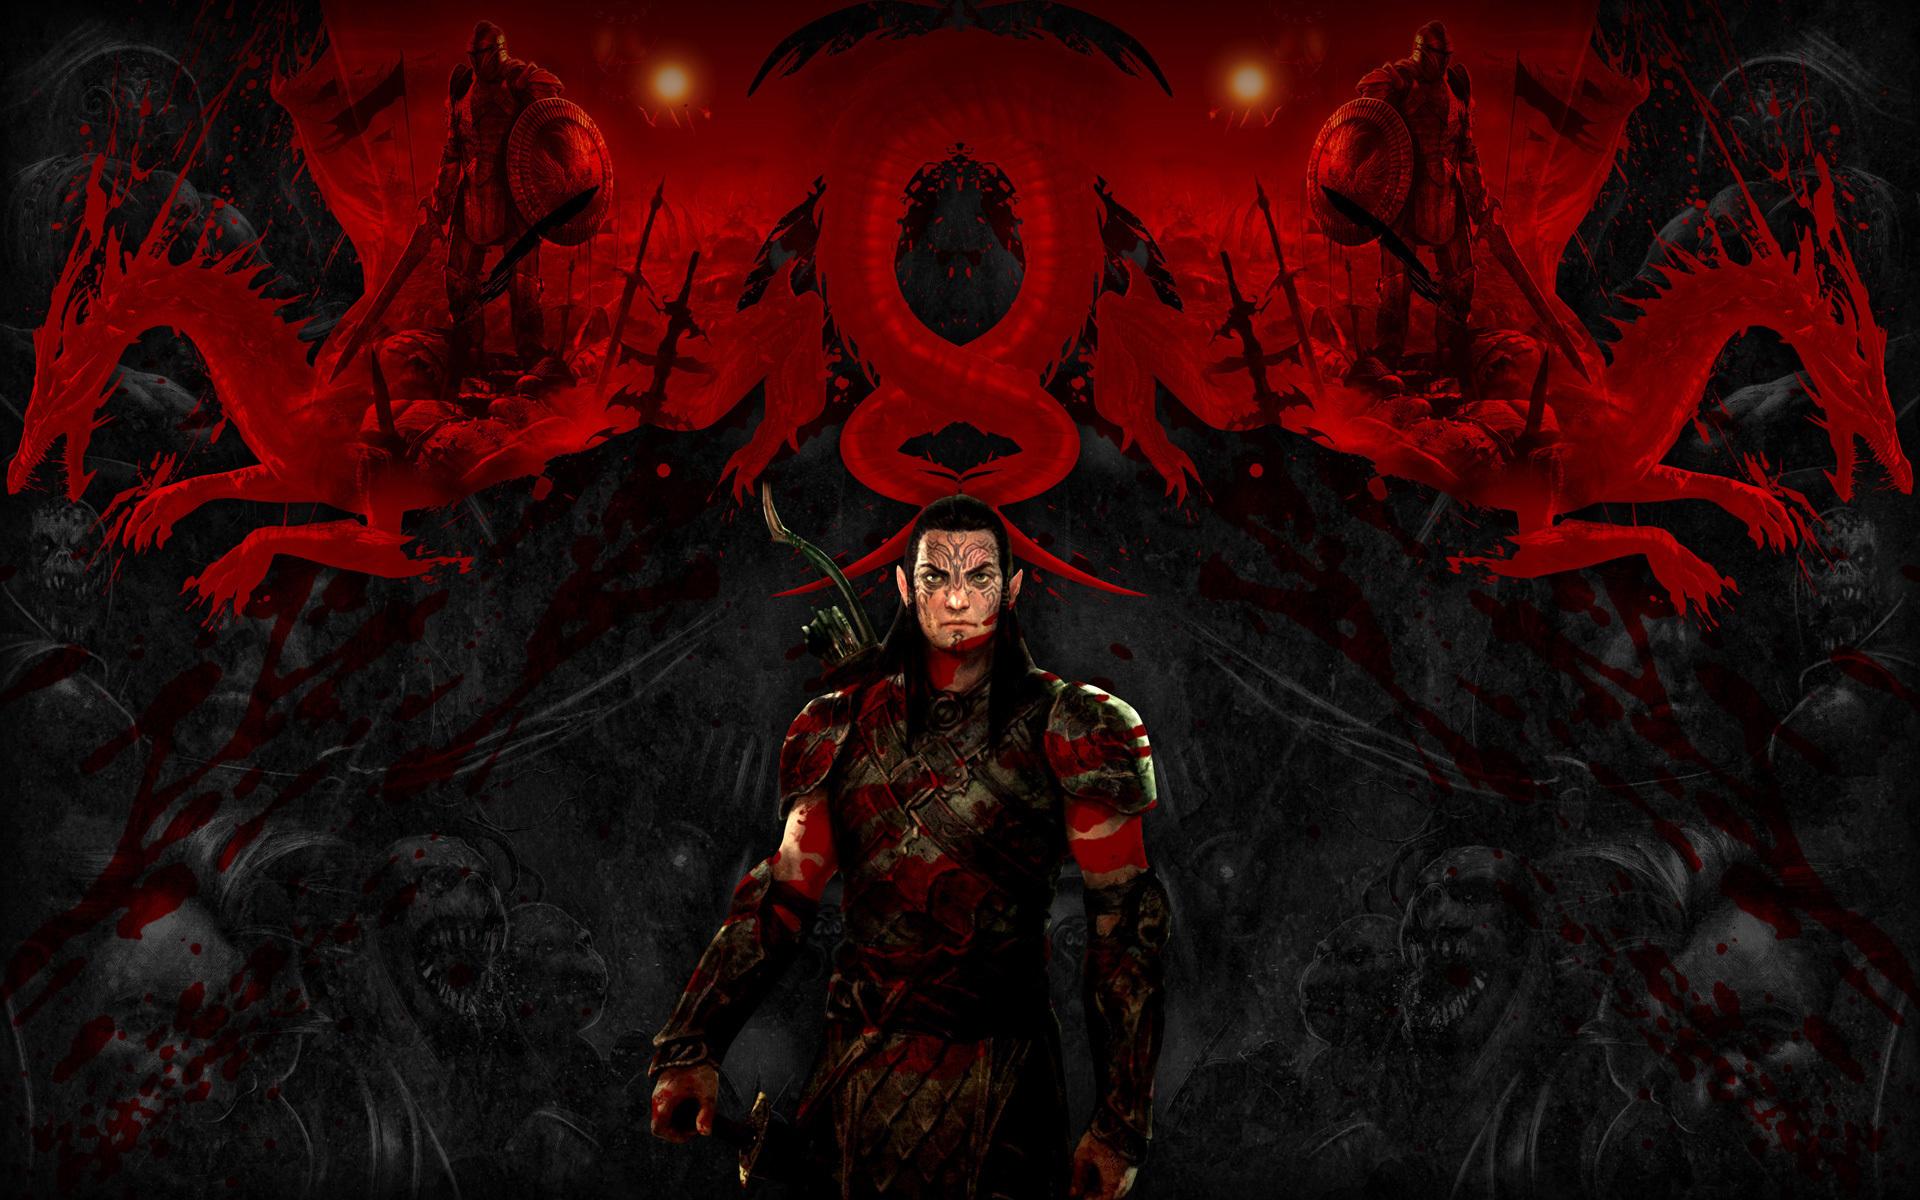 Armored Dragon Wallpaper Dragon Age Warrior Men Armor